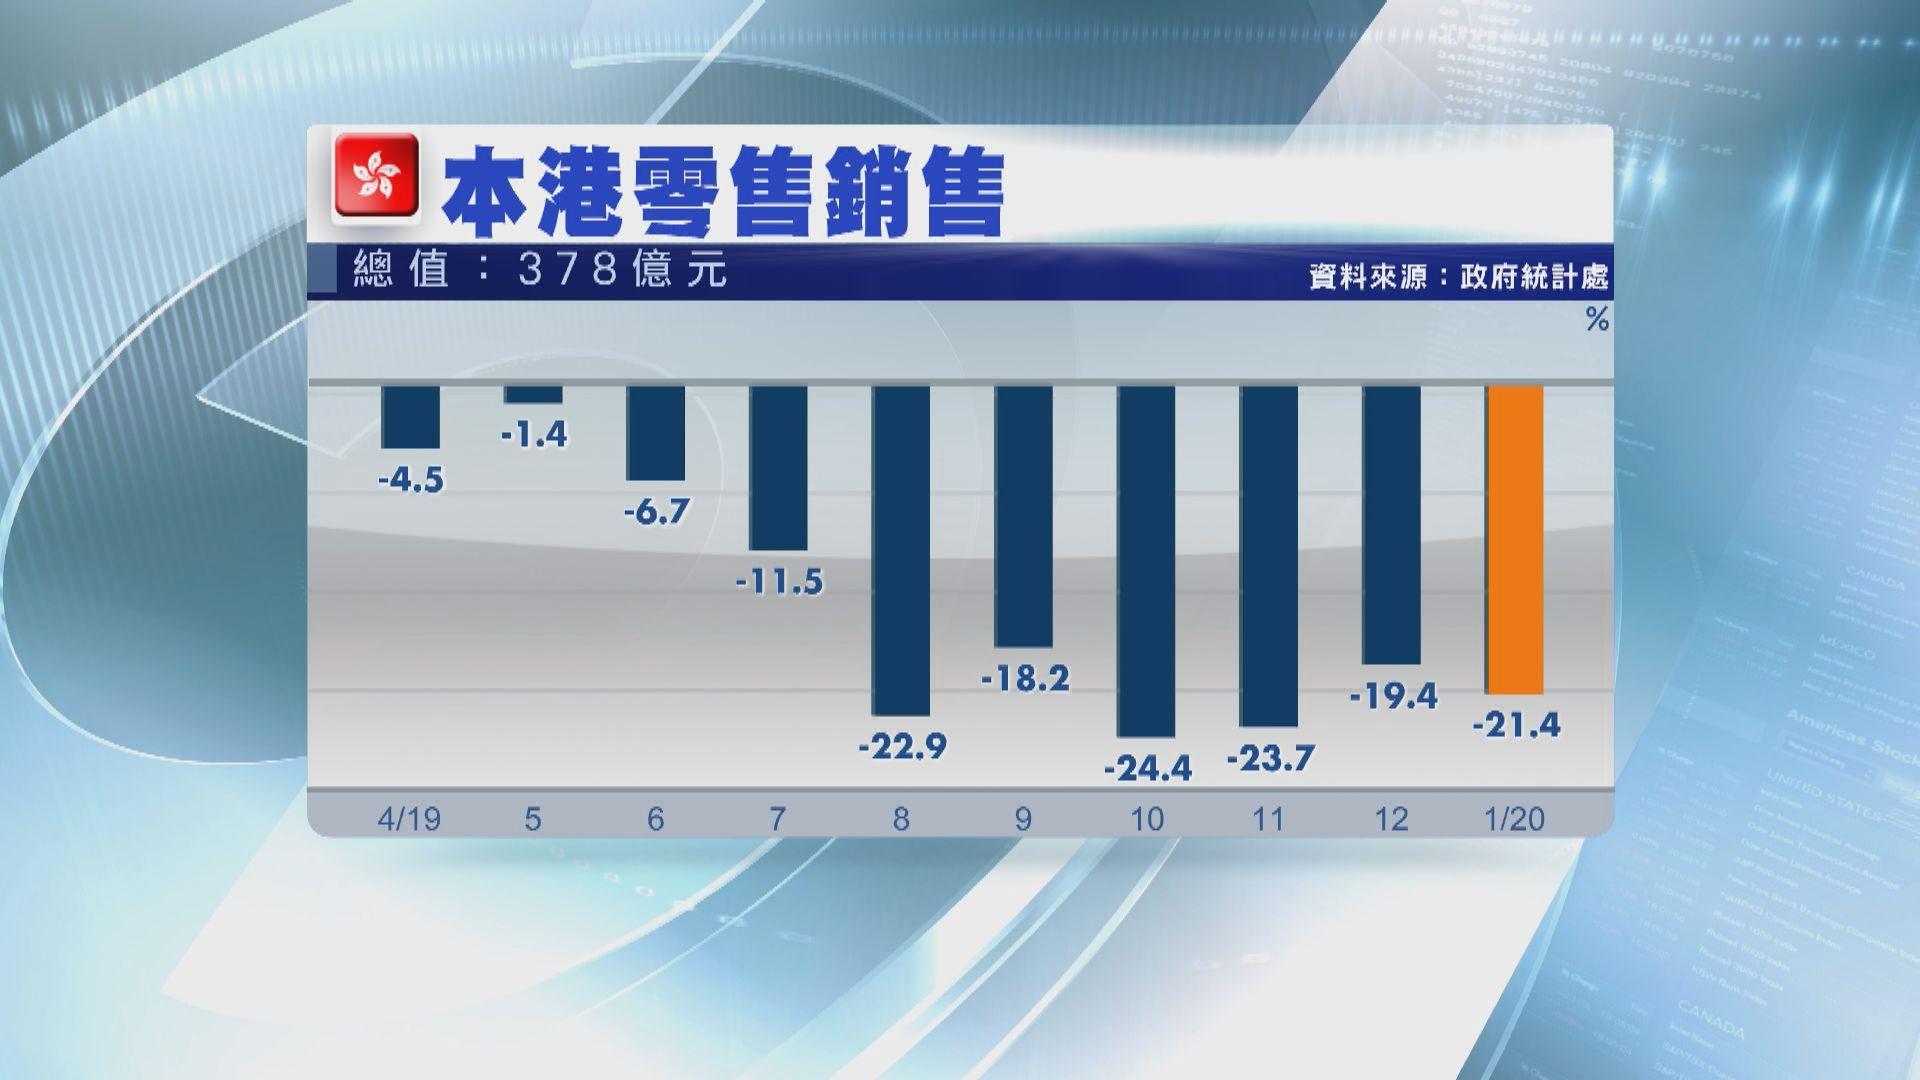 【零售寒冬】本港1月零售銷售跌逾兩成 連跌12個月